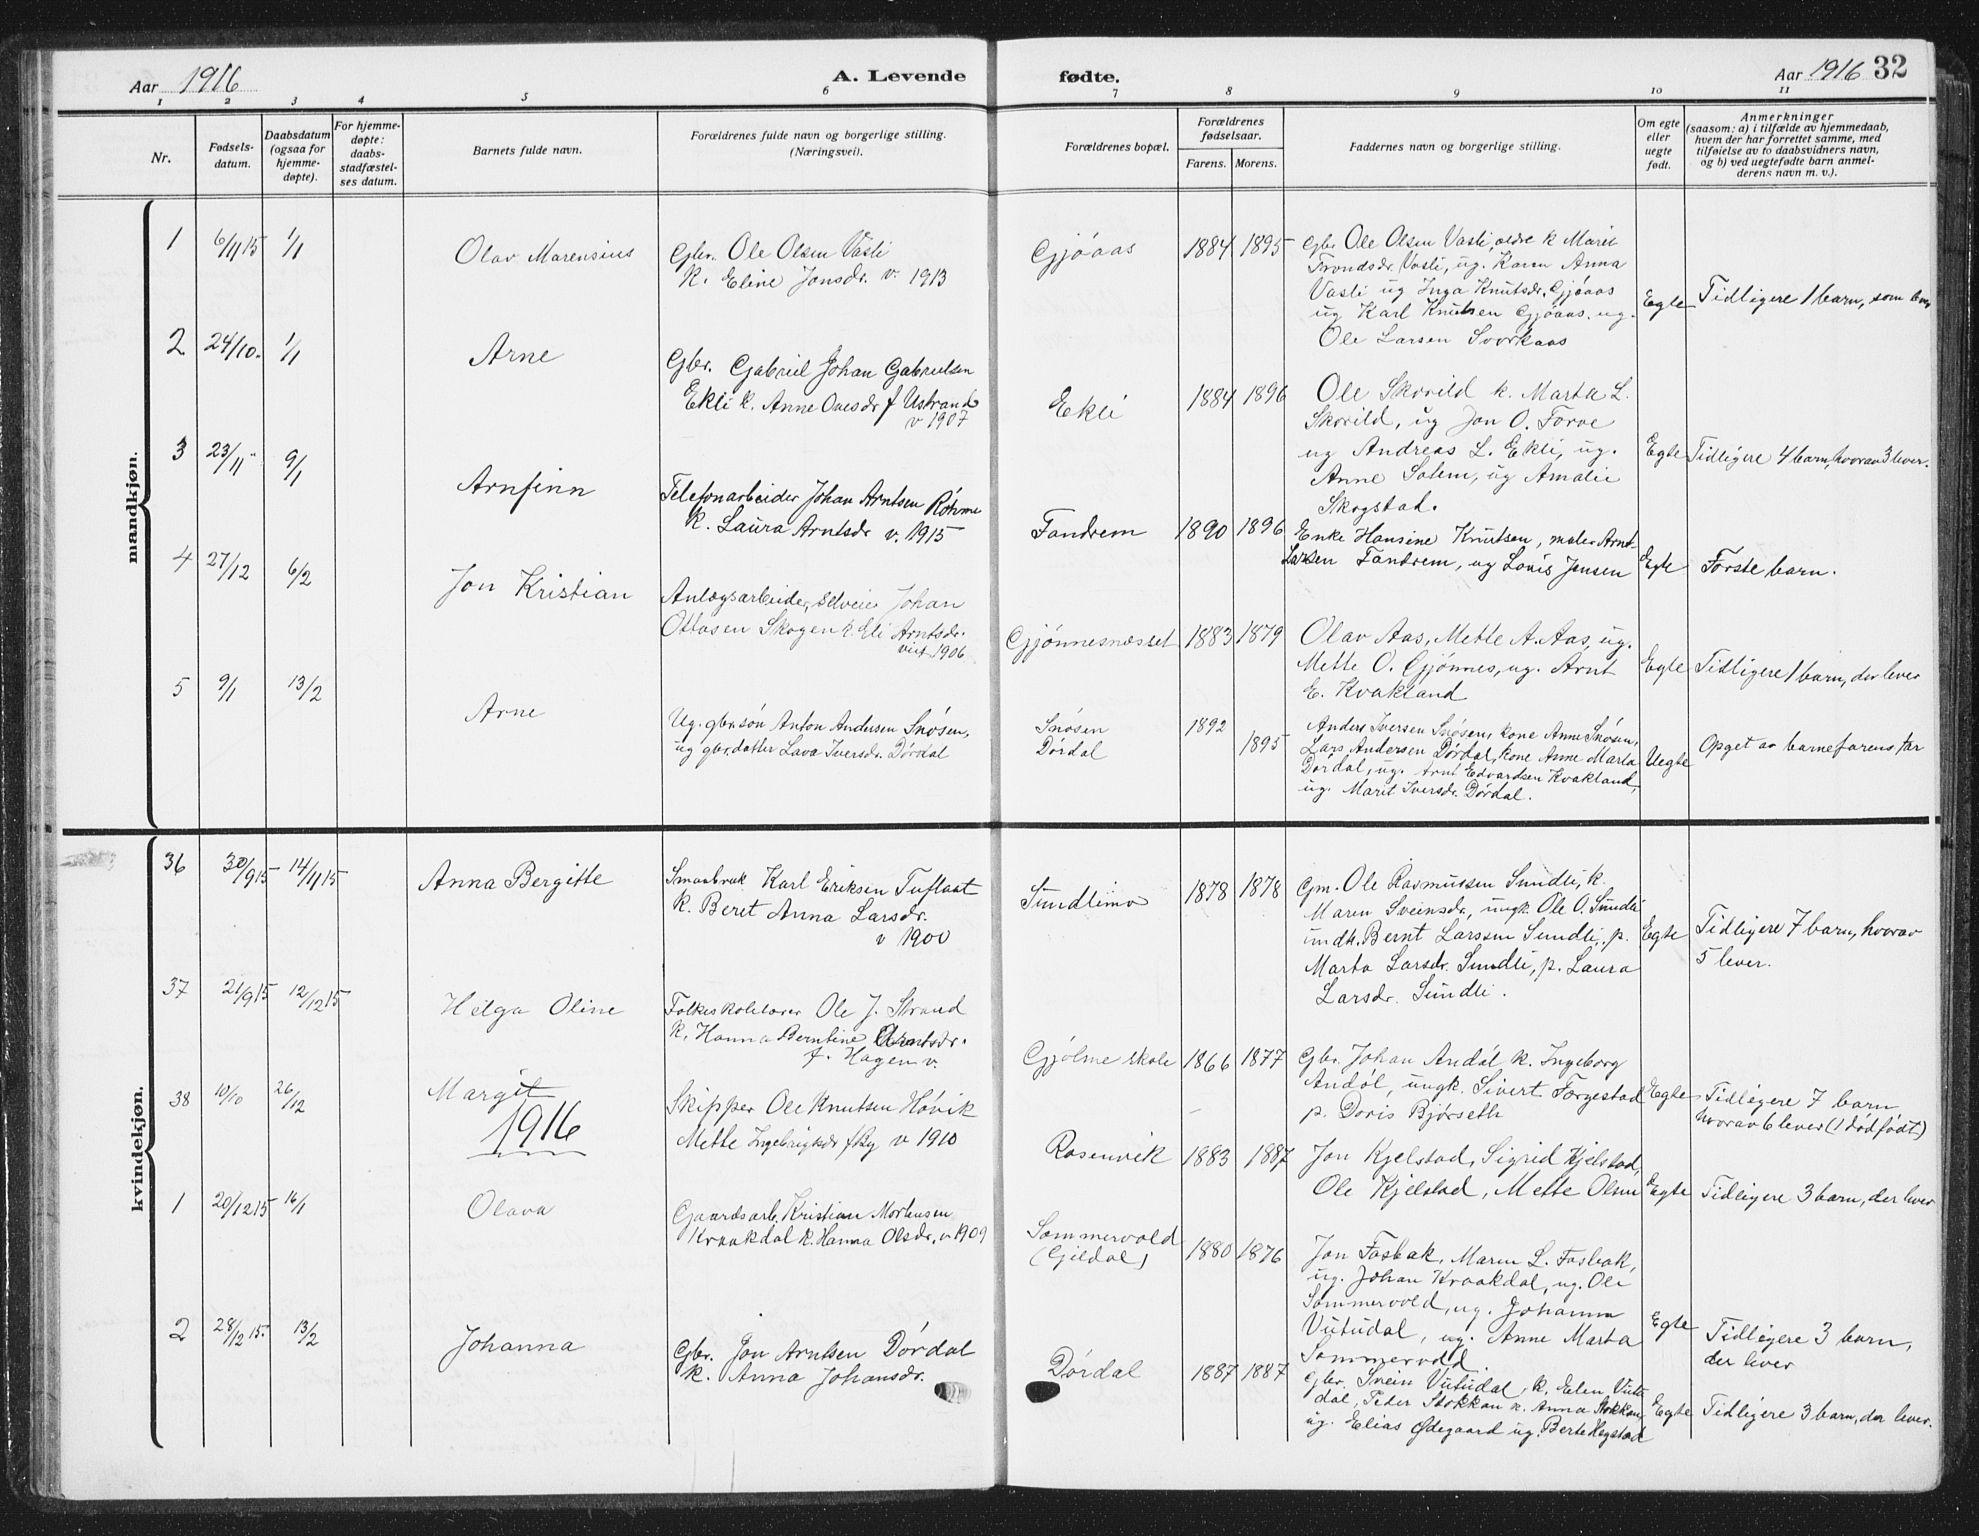 SAT, Ministerialprotokoller, klokkerbøker og fødselsregistre - Sør-Trøndelag, 668/L0820: Klokkerbok nr. 668C09, 1912-1936, s. 32